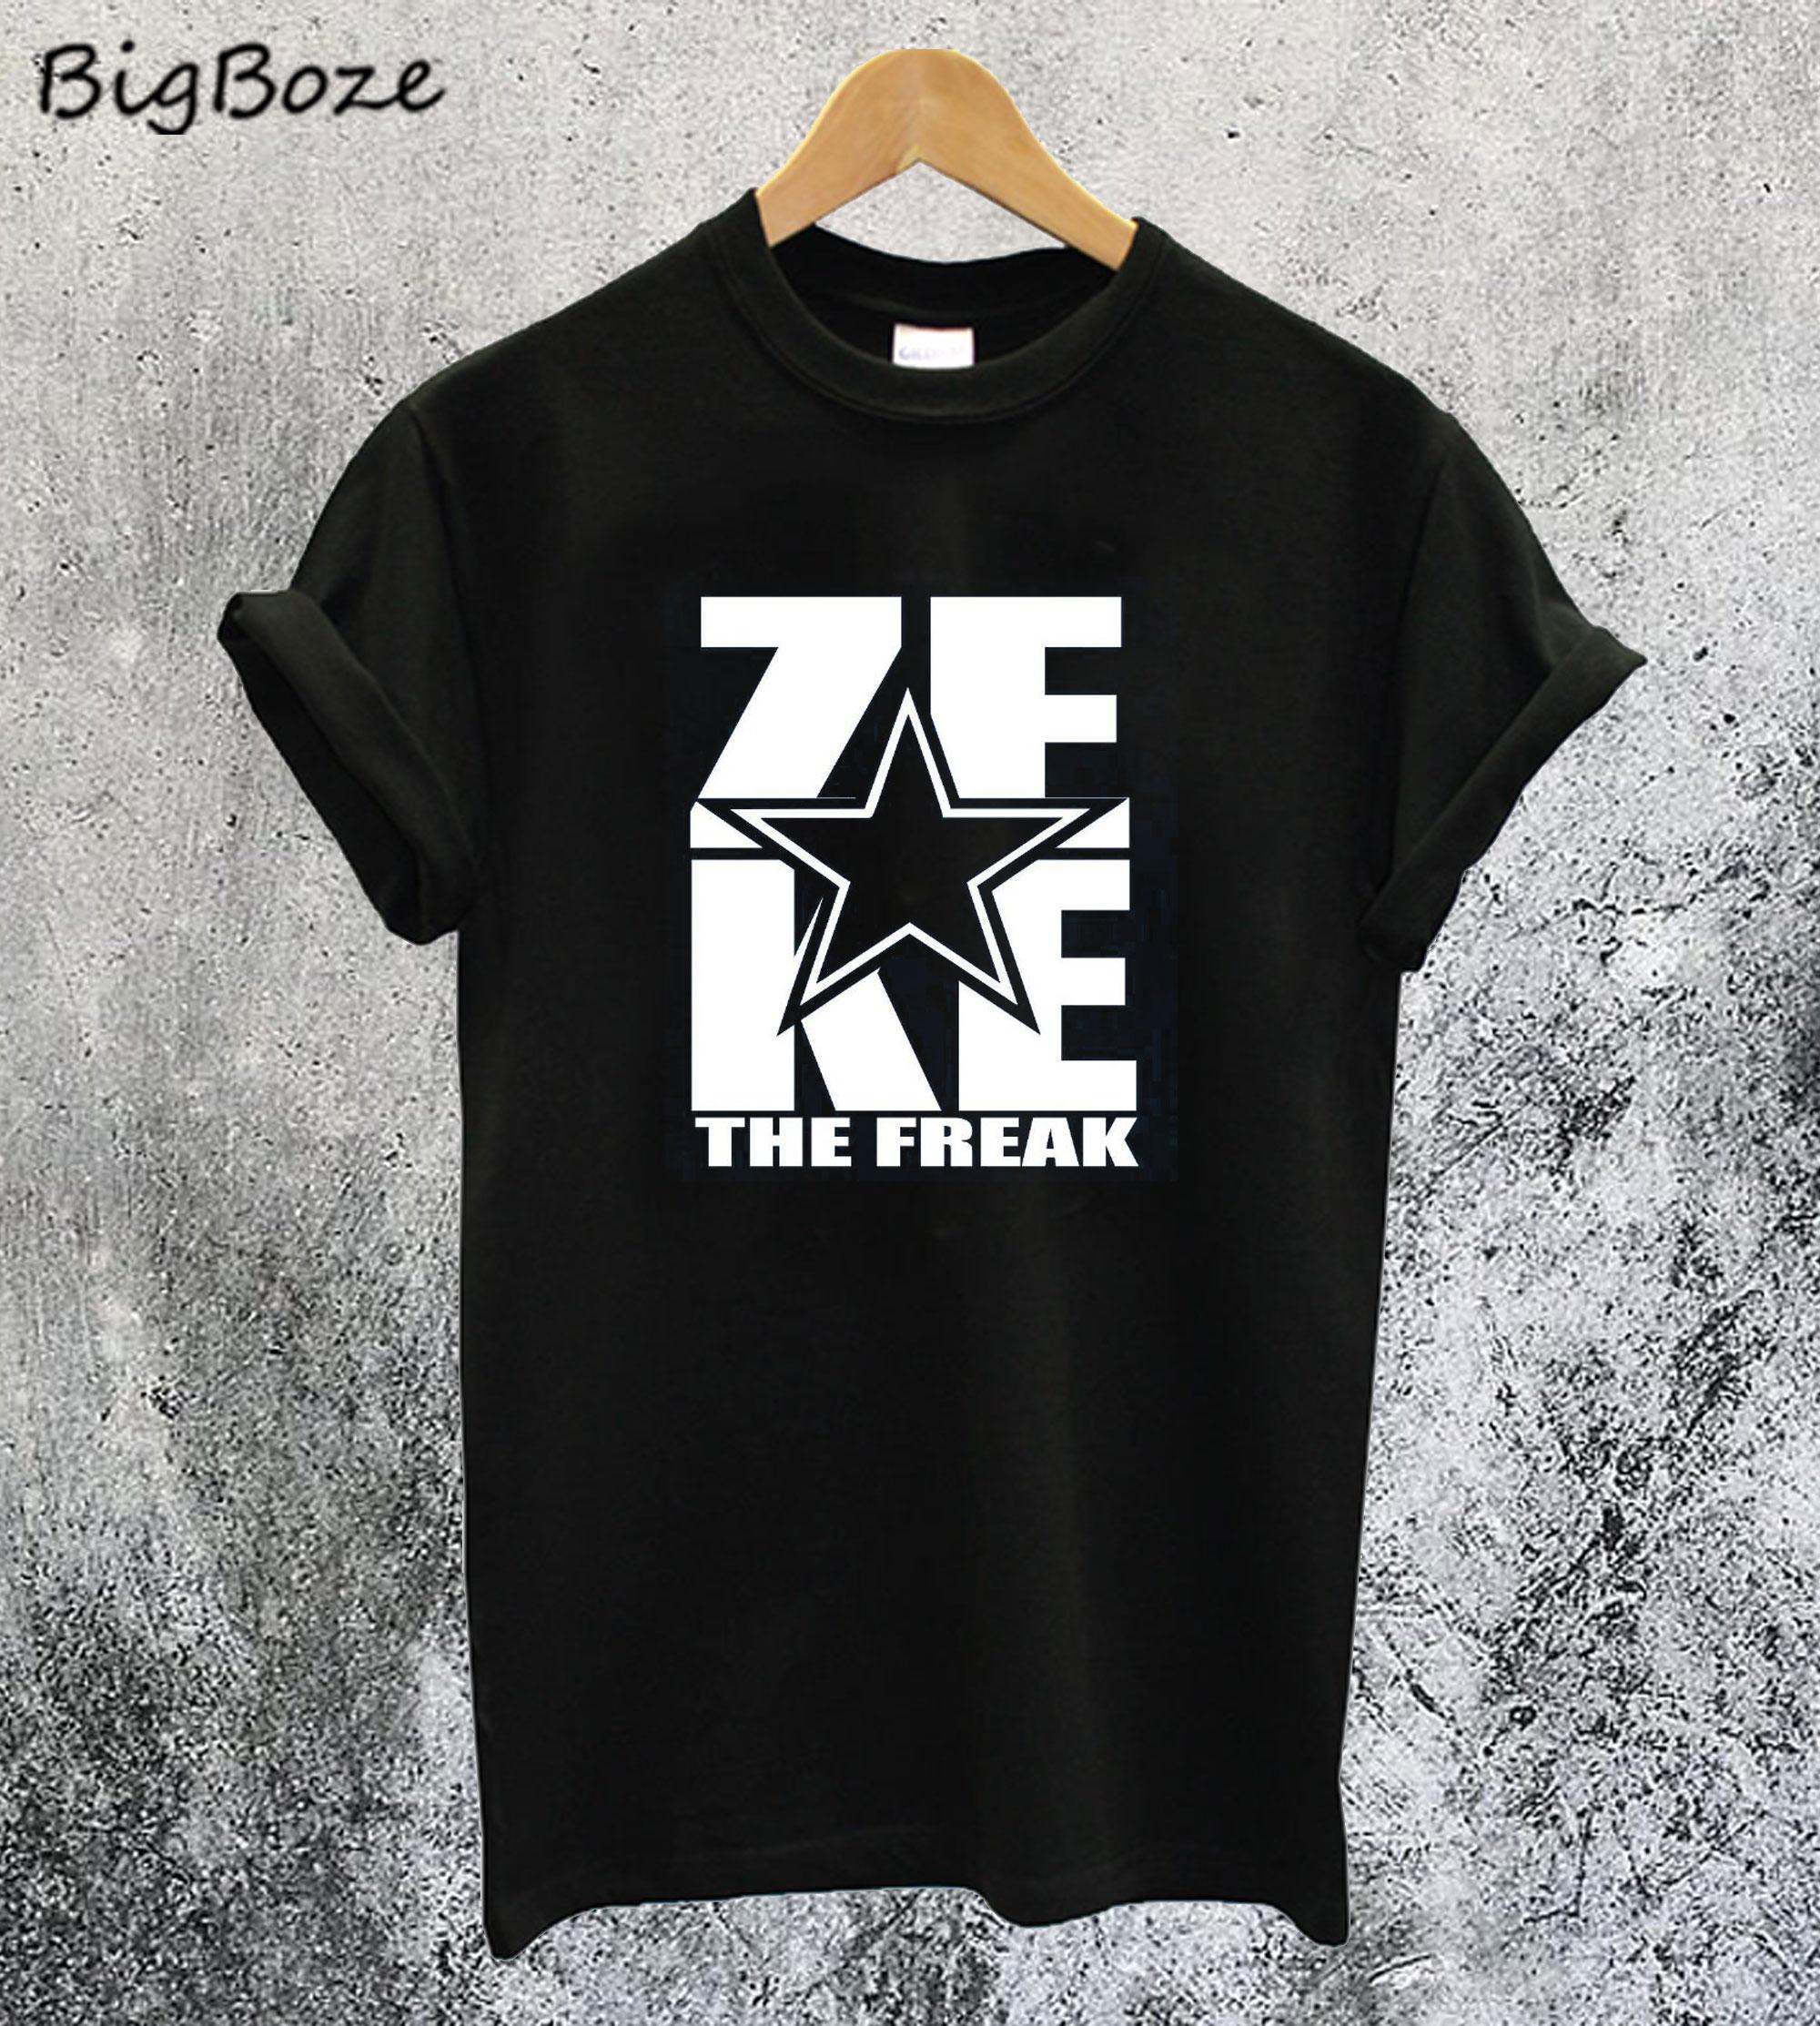 Zeke Ezekiel Elliott The Freak T-Shirt